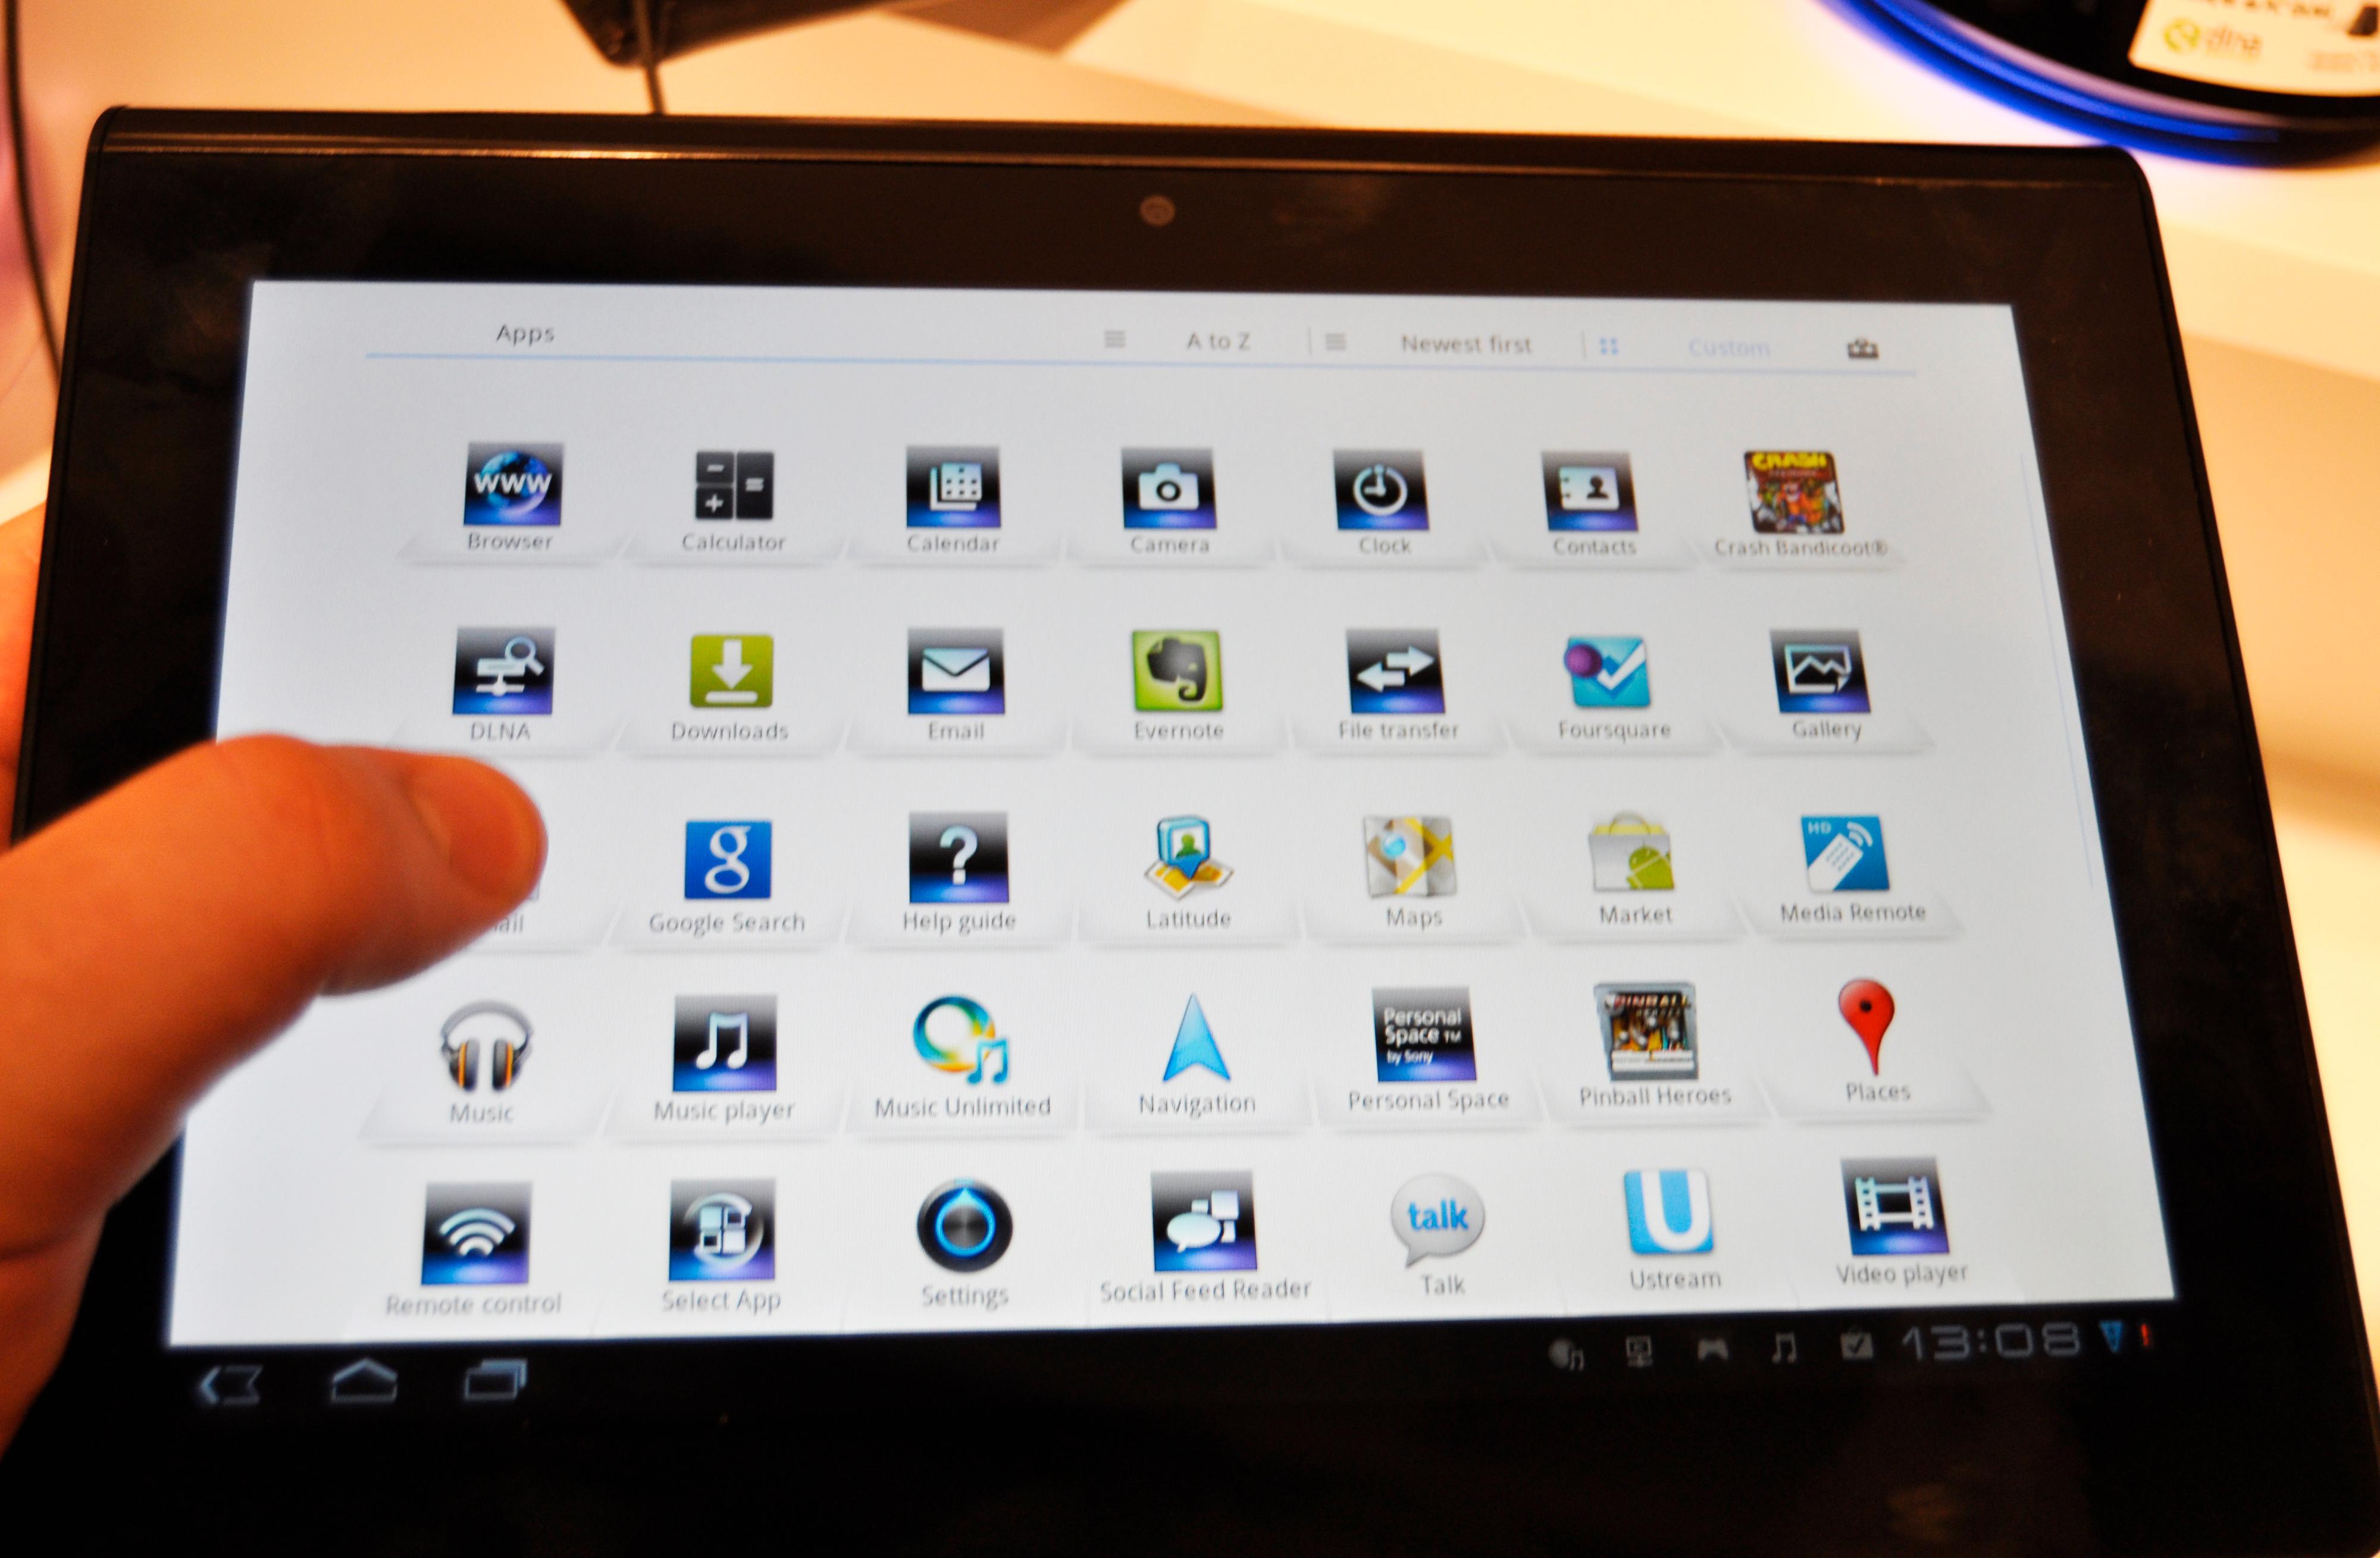 Hvit bakgrunn i applikasjonsmenyen. Bakgrunnen kan endres også på andre Honeycomb-brett, men de leveres vanligvis med sort bakgrunn.